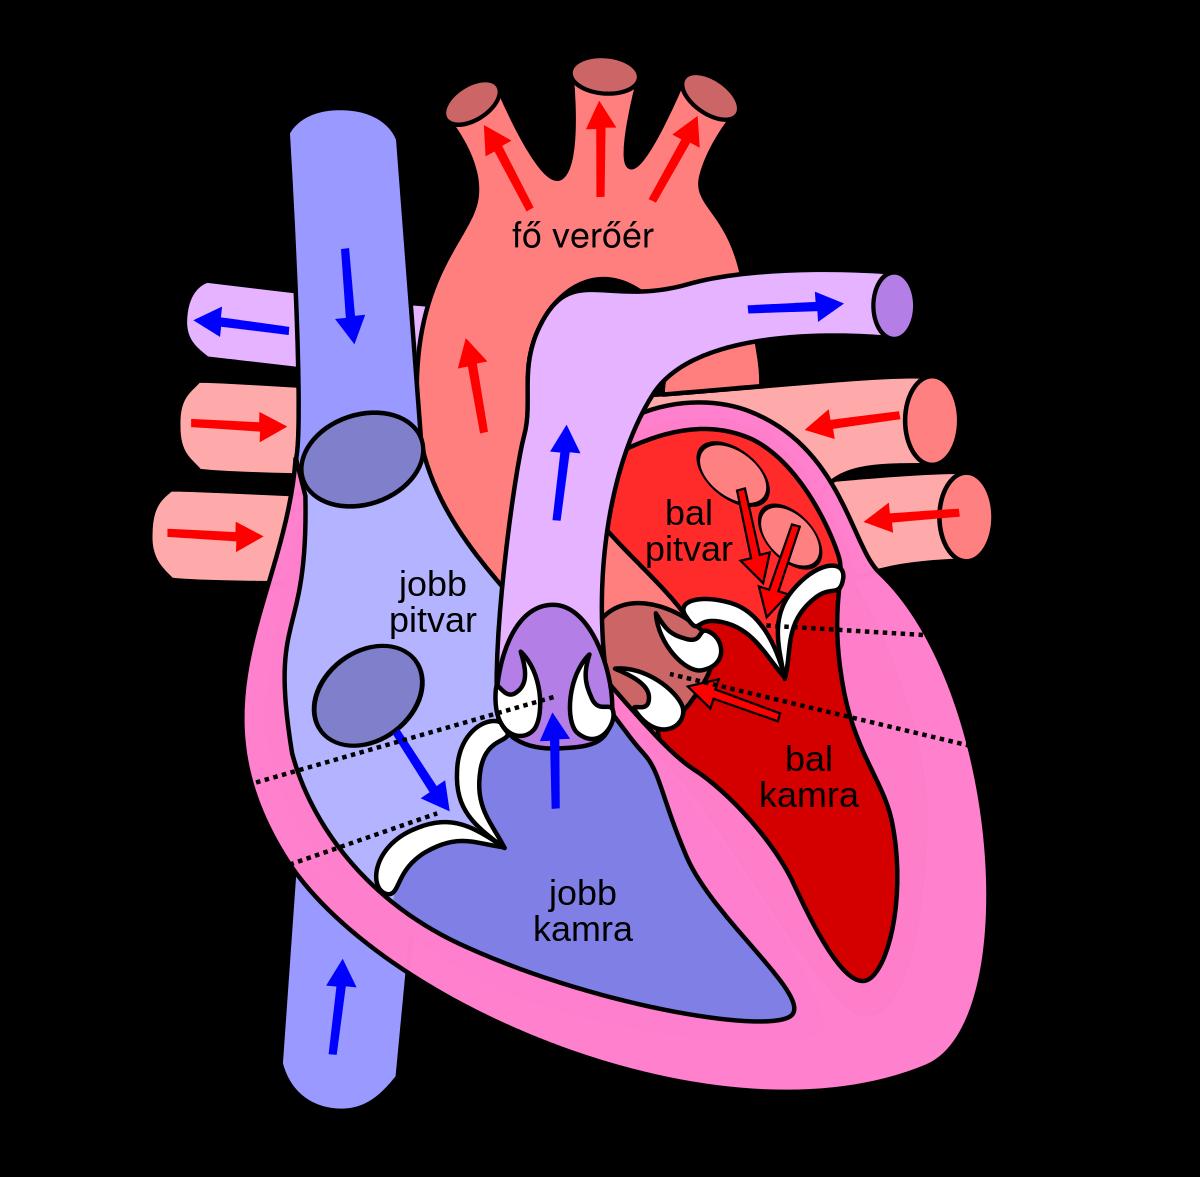 mitrális szelep prolapsus és merevedés az erekció megelőzésére szolgáló gyógyszerek